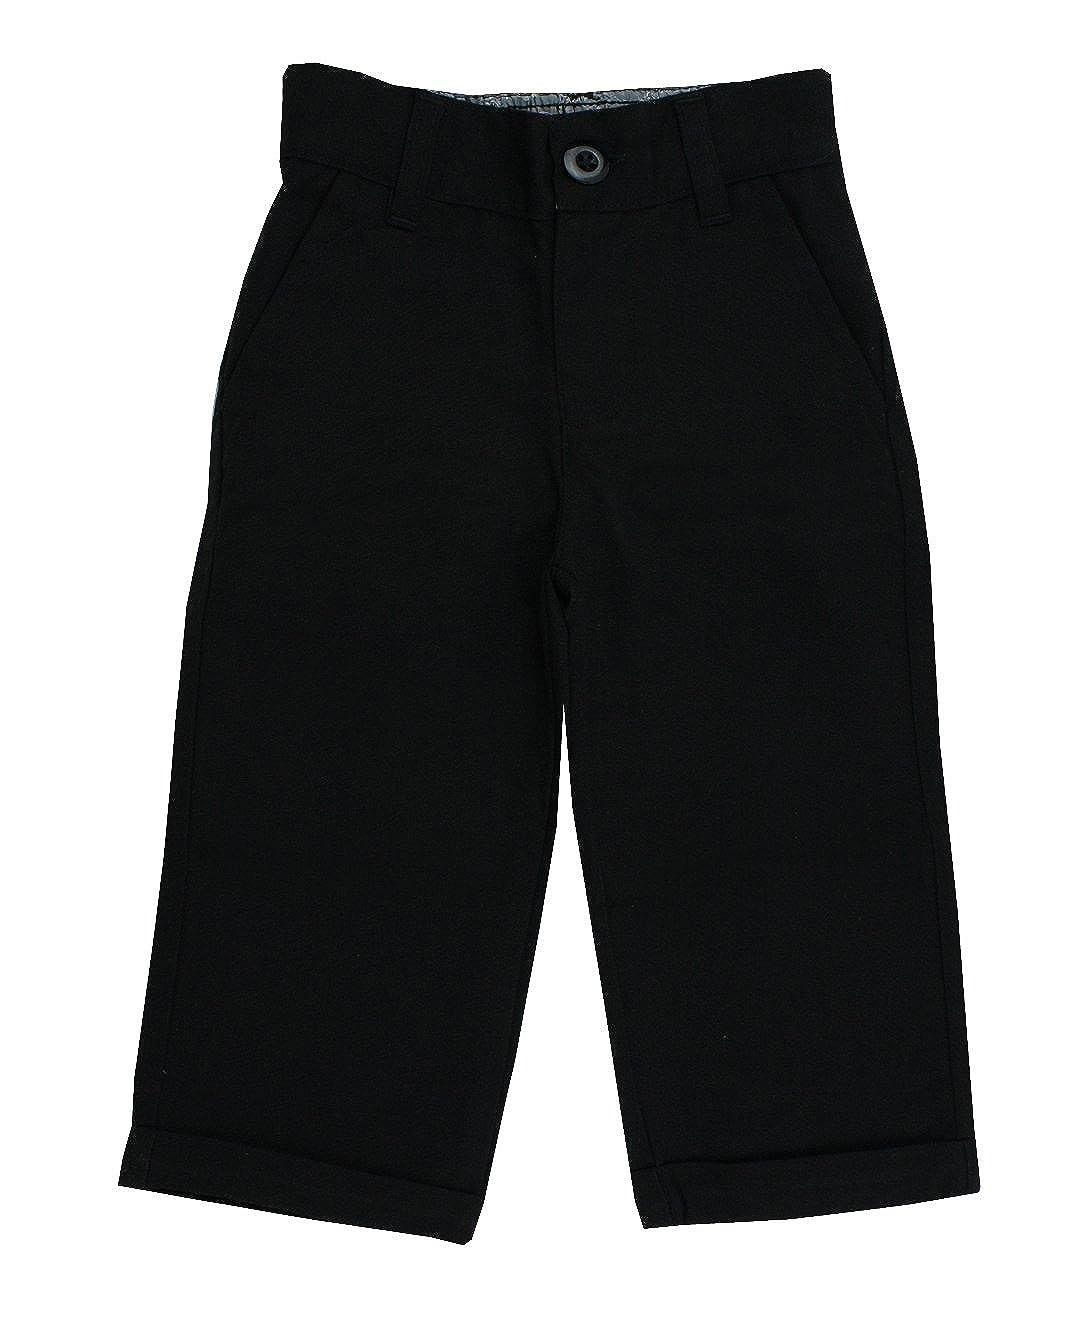 新発売の RuggedButts PANTS ブラック 12-18m ベビーボーイズ RuggedButts 12-18m ブラック B00ELMO5G8, ツルミマチ:24f3369e --- a0267596.xsph.ru